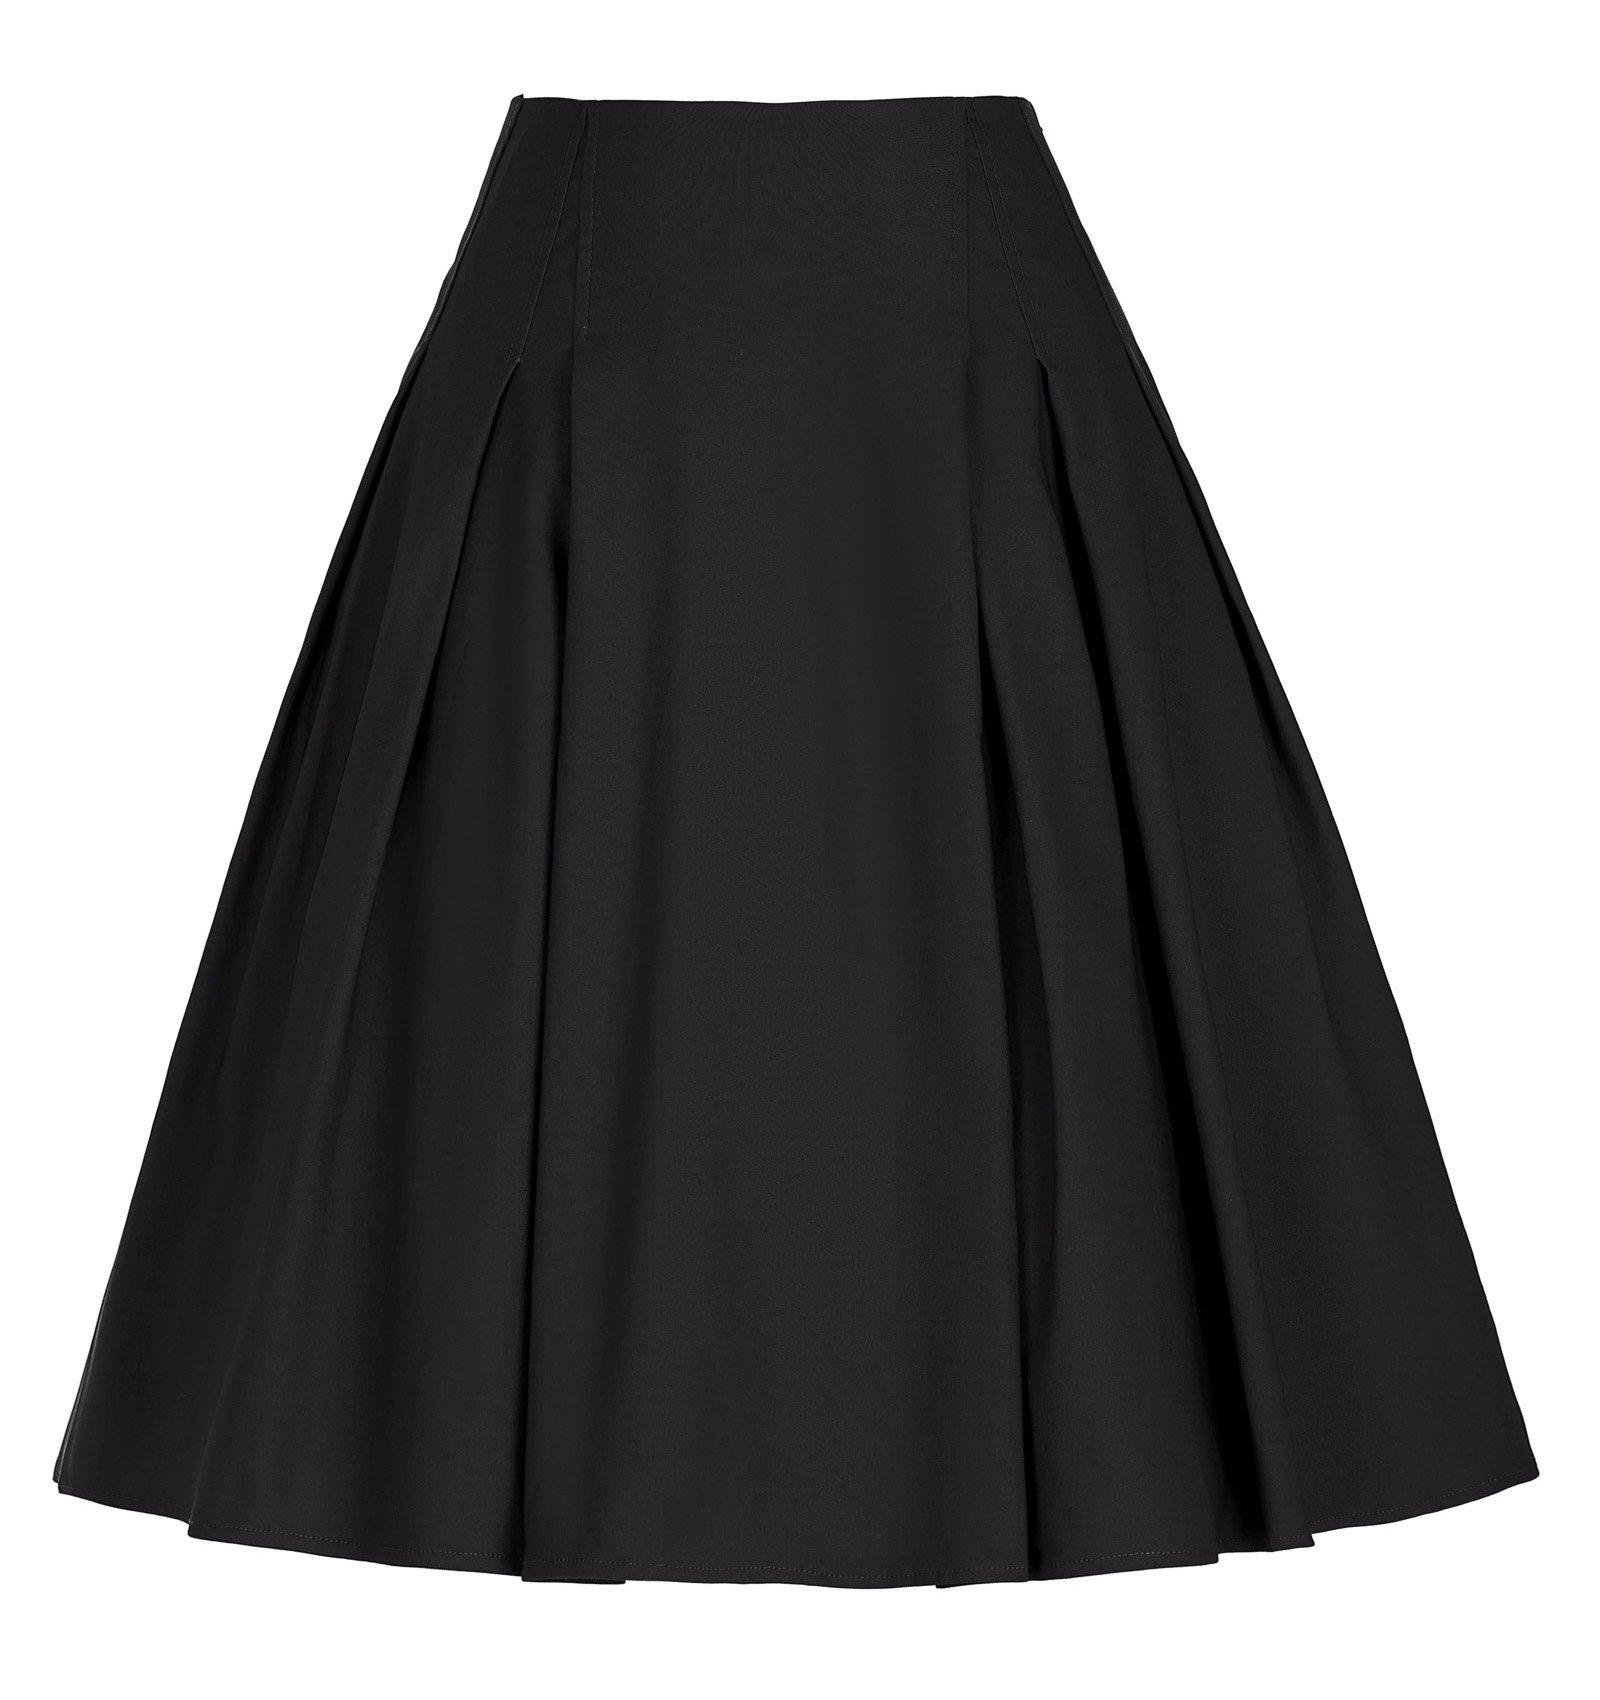 1950s Black Skirts for Juniors Knee-Length Swing Midi Dress (Black, L)